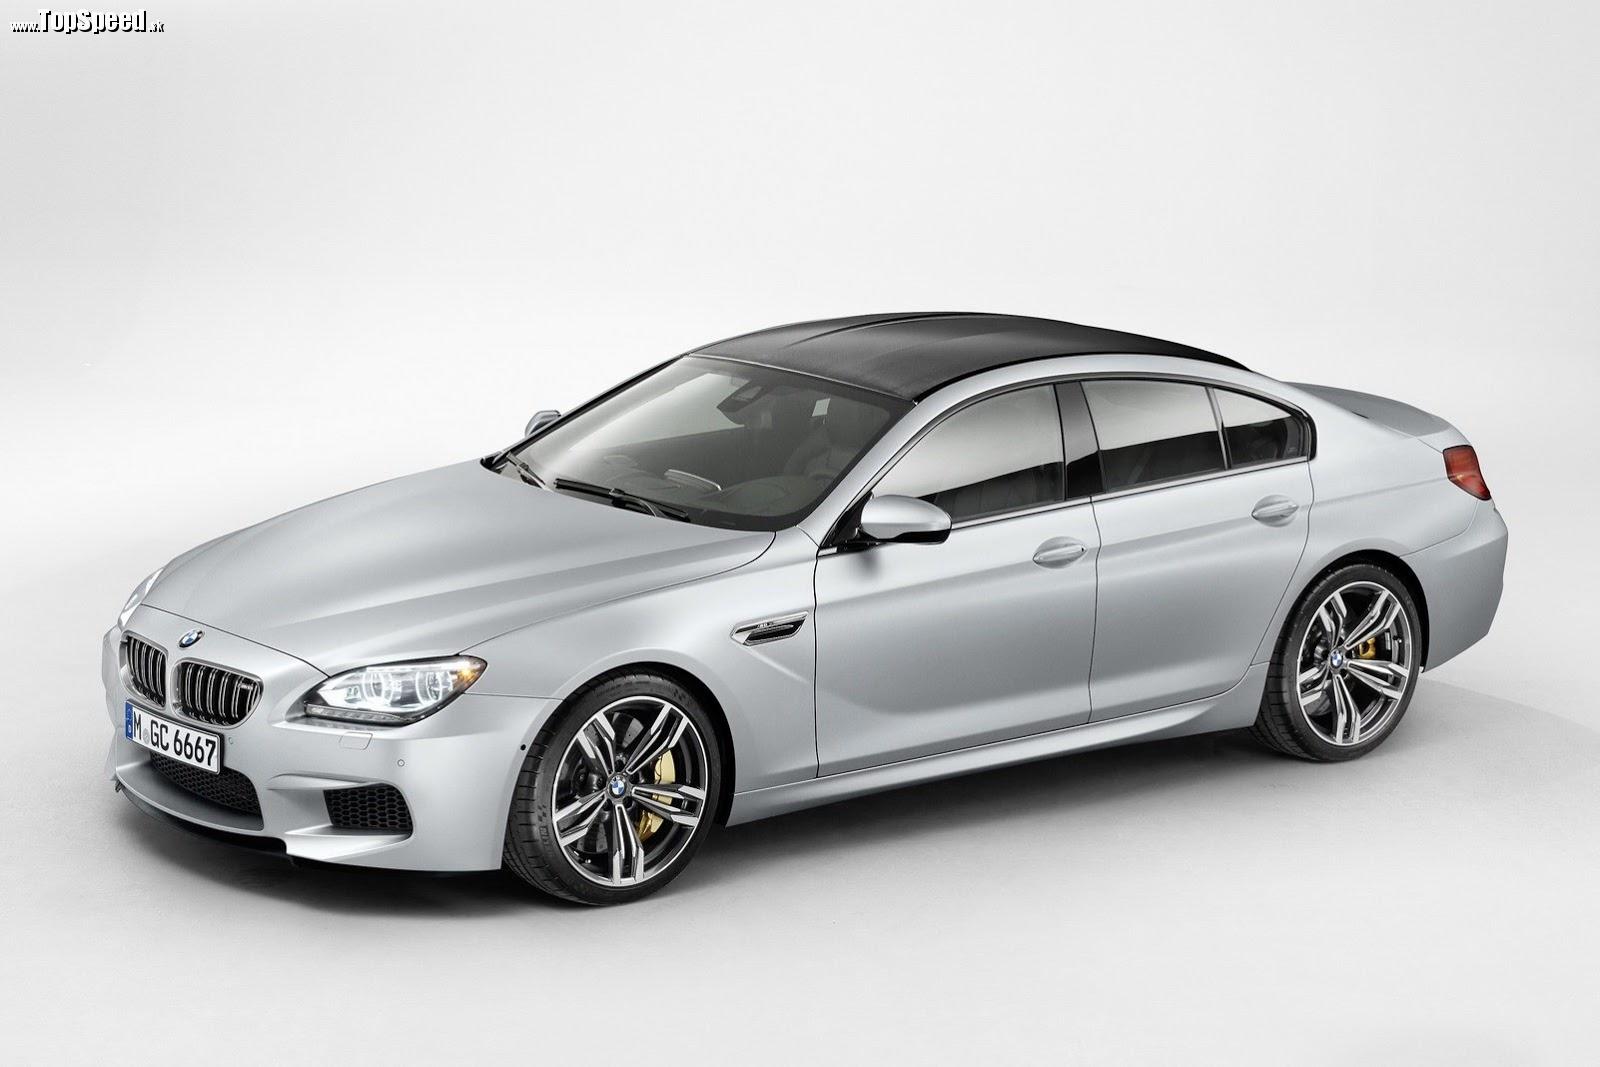 BMW sa zatiaľ z plánov svojich súper možno len smeje. Zatiaľ to nevyzerá na to, žeby bol niektorý z nich schopný BMW predbehnúť.